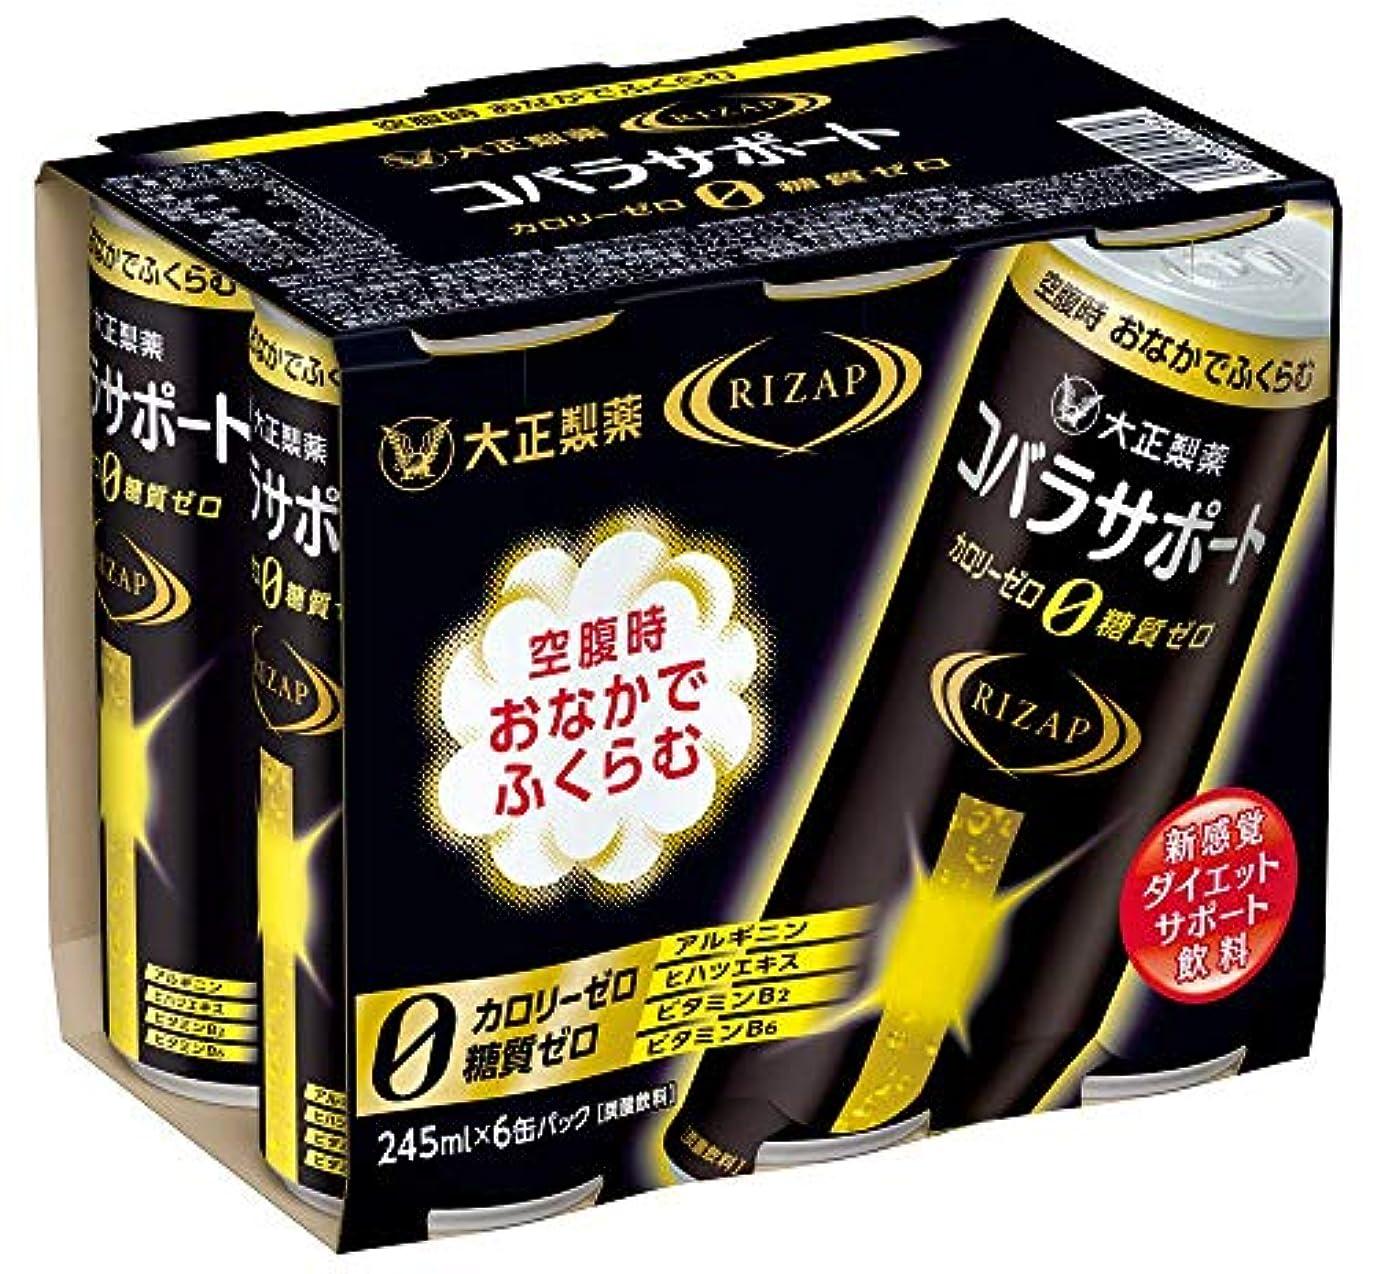 モーション嘆くファセットコバラサポートR 6本セット【期間限定】【ライザップコラボ品】×5